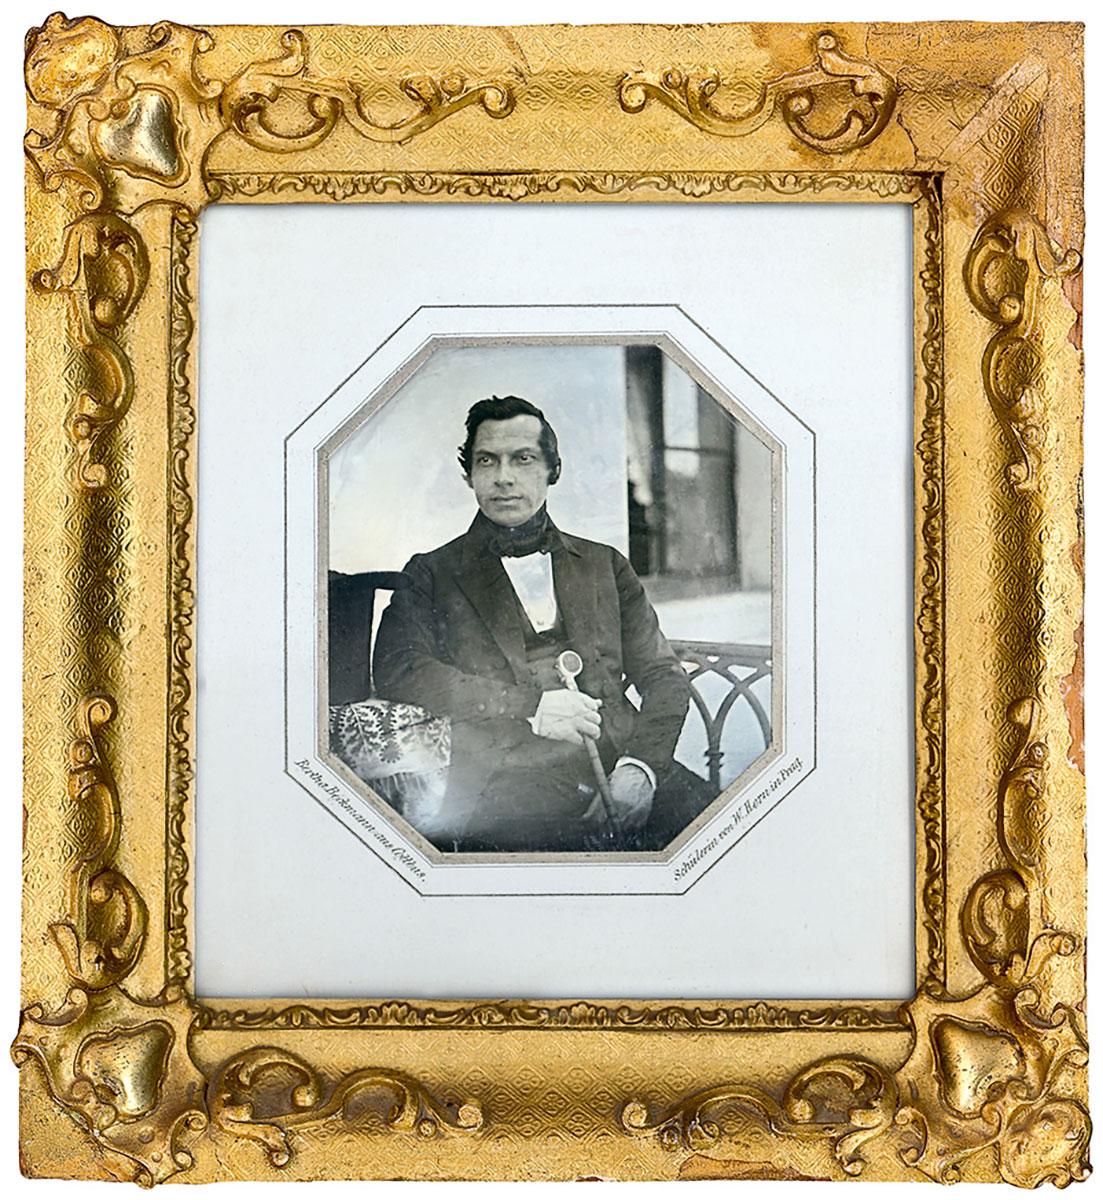 Bertha Beckmann, Porträt des Otto Weise, Daguerreotypie, 1843, Durchmesser 9,5 cm, mit zeitgenössischem Rahmen 16,5×15 cm; Stadtgeschichtliches Museum Leipzig